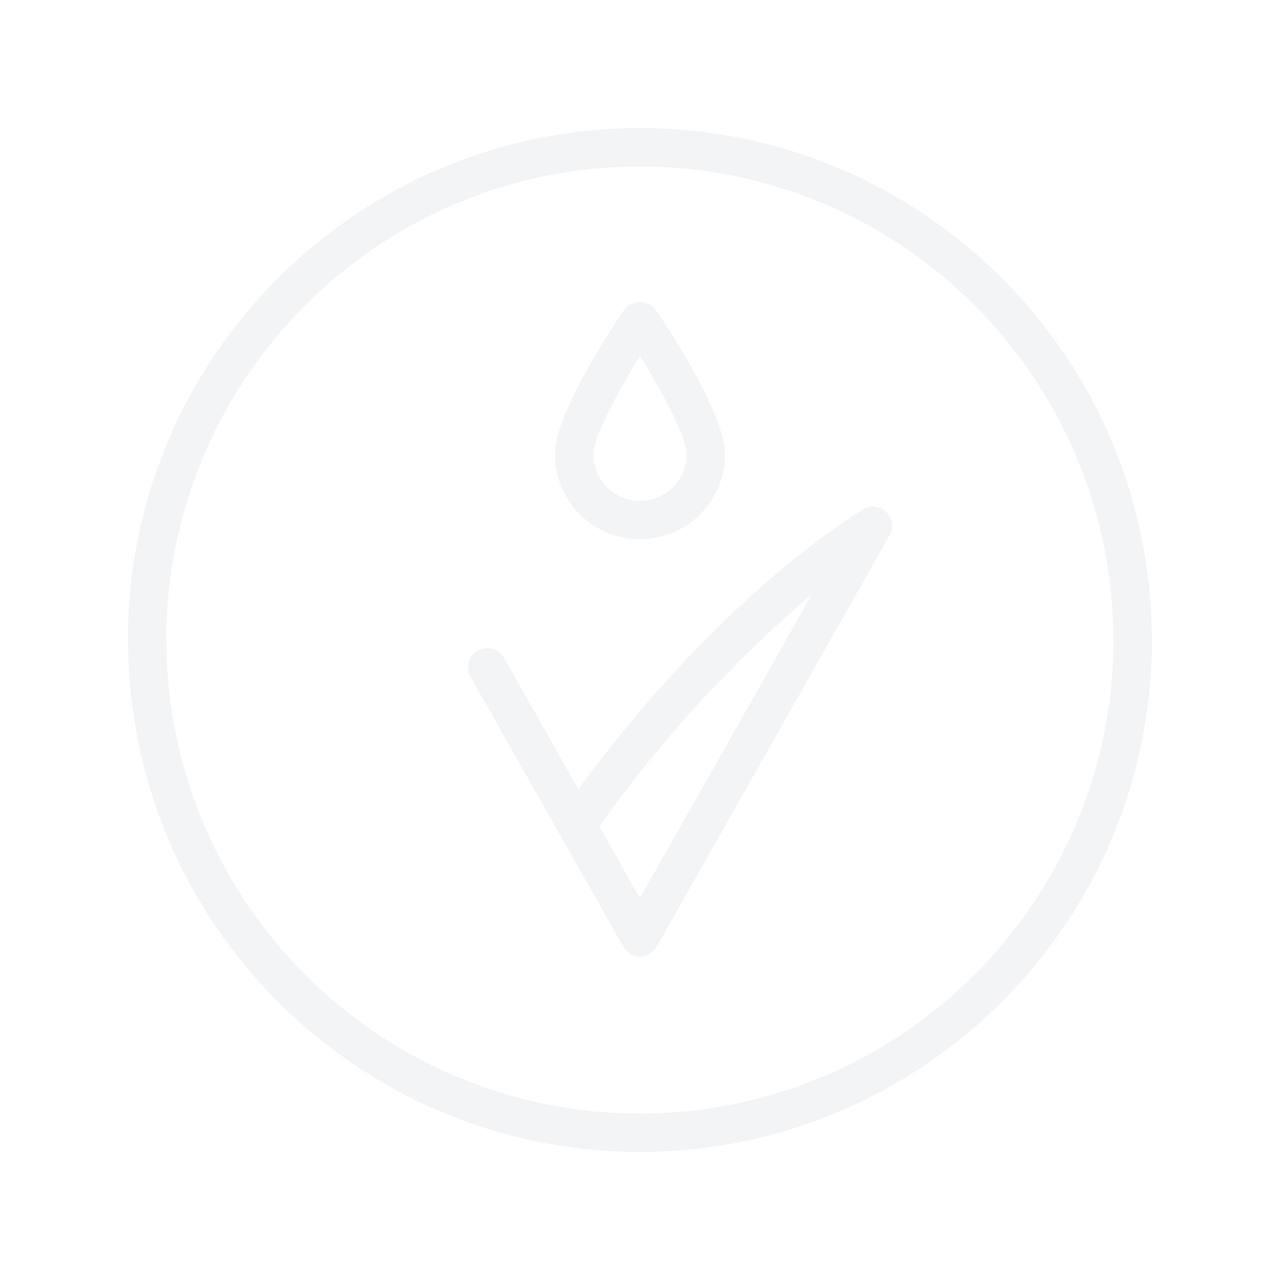 GUCCI Guilty Absolute Pour Homme 50ml Eau De Parfum Gift Set подарочный набор